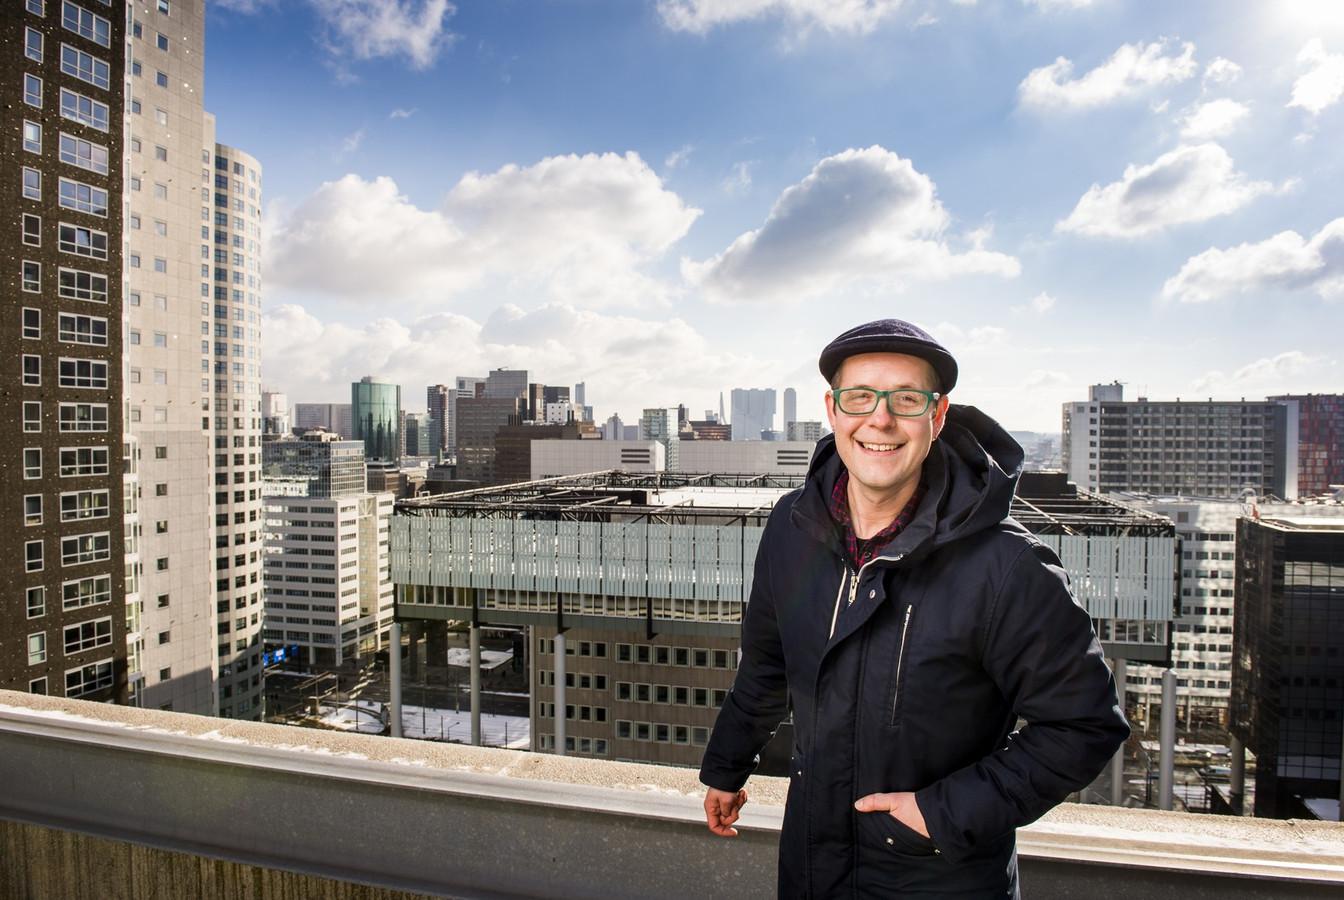 Gyz met zijn stad op de achtergrond. 'Rotterdam begint eindelijk ergens op te lijken,' zegt hij. 'Maar maak het alsjeblieft niet té netjes. Dat past niet bij een volkse stad.'